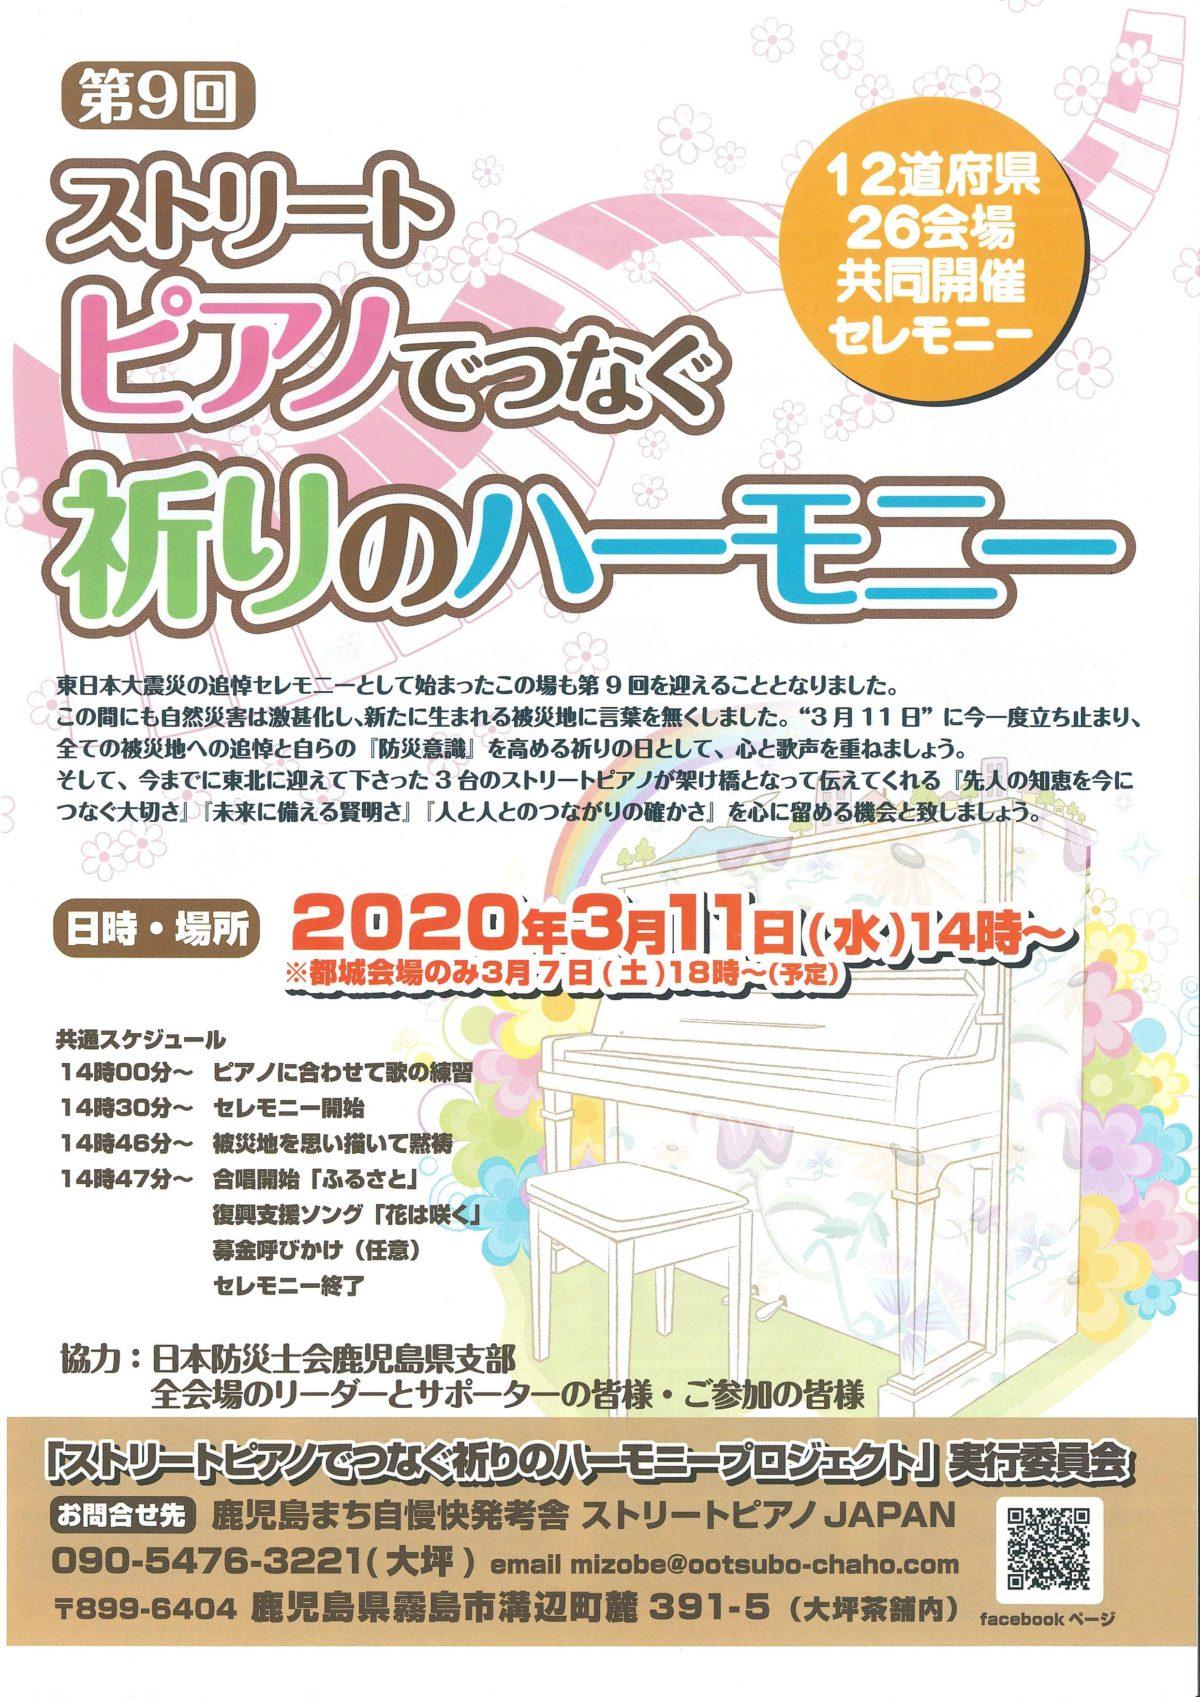 3月11日(水)『第9回ストリートピアノでつなぐ祈りのハーモニー』開催中止について!